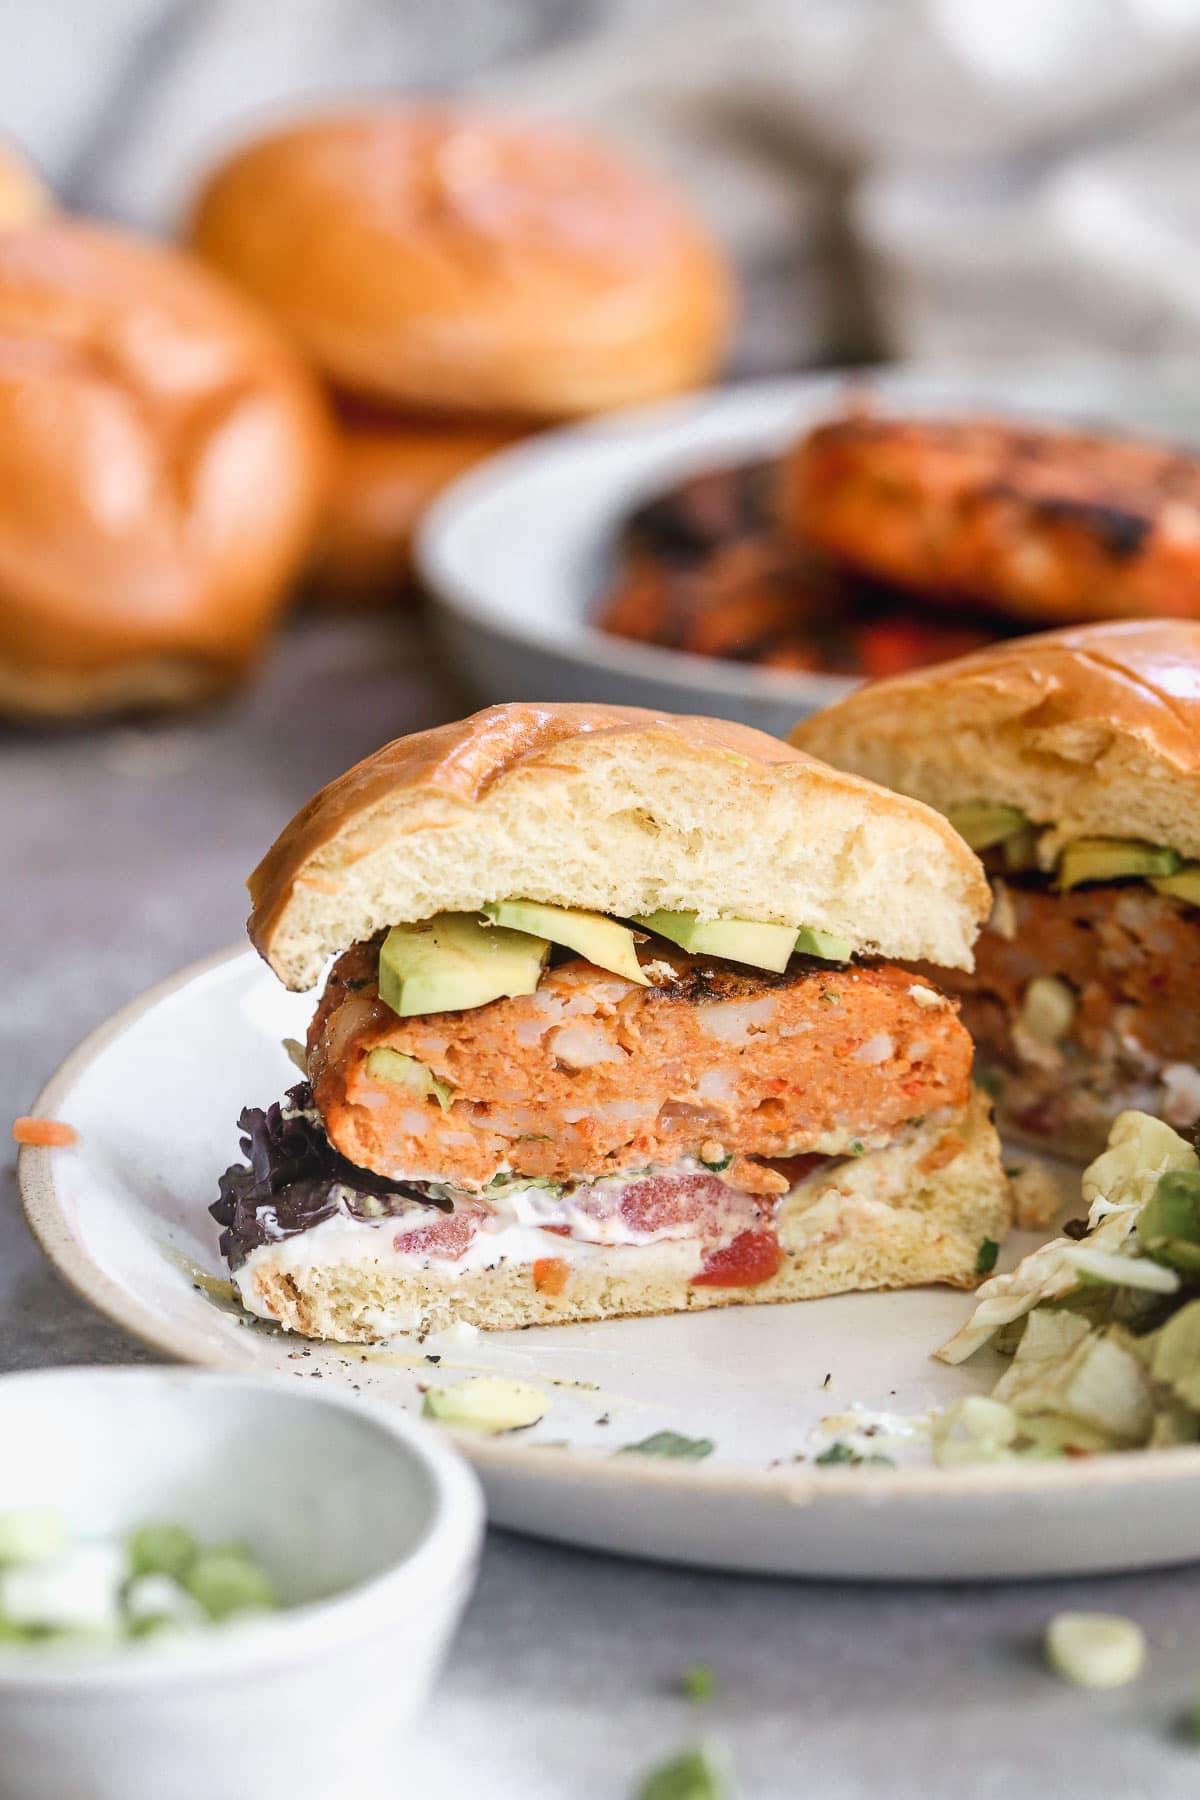 cajun shrimp burger on a bun